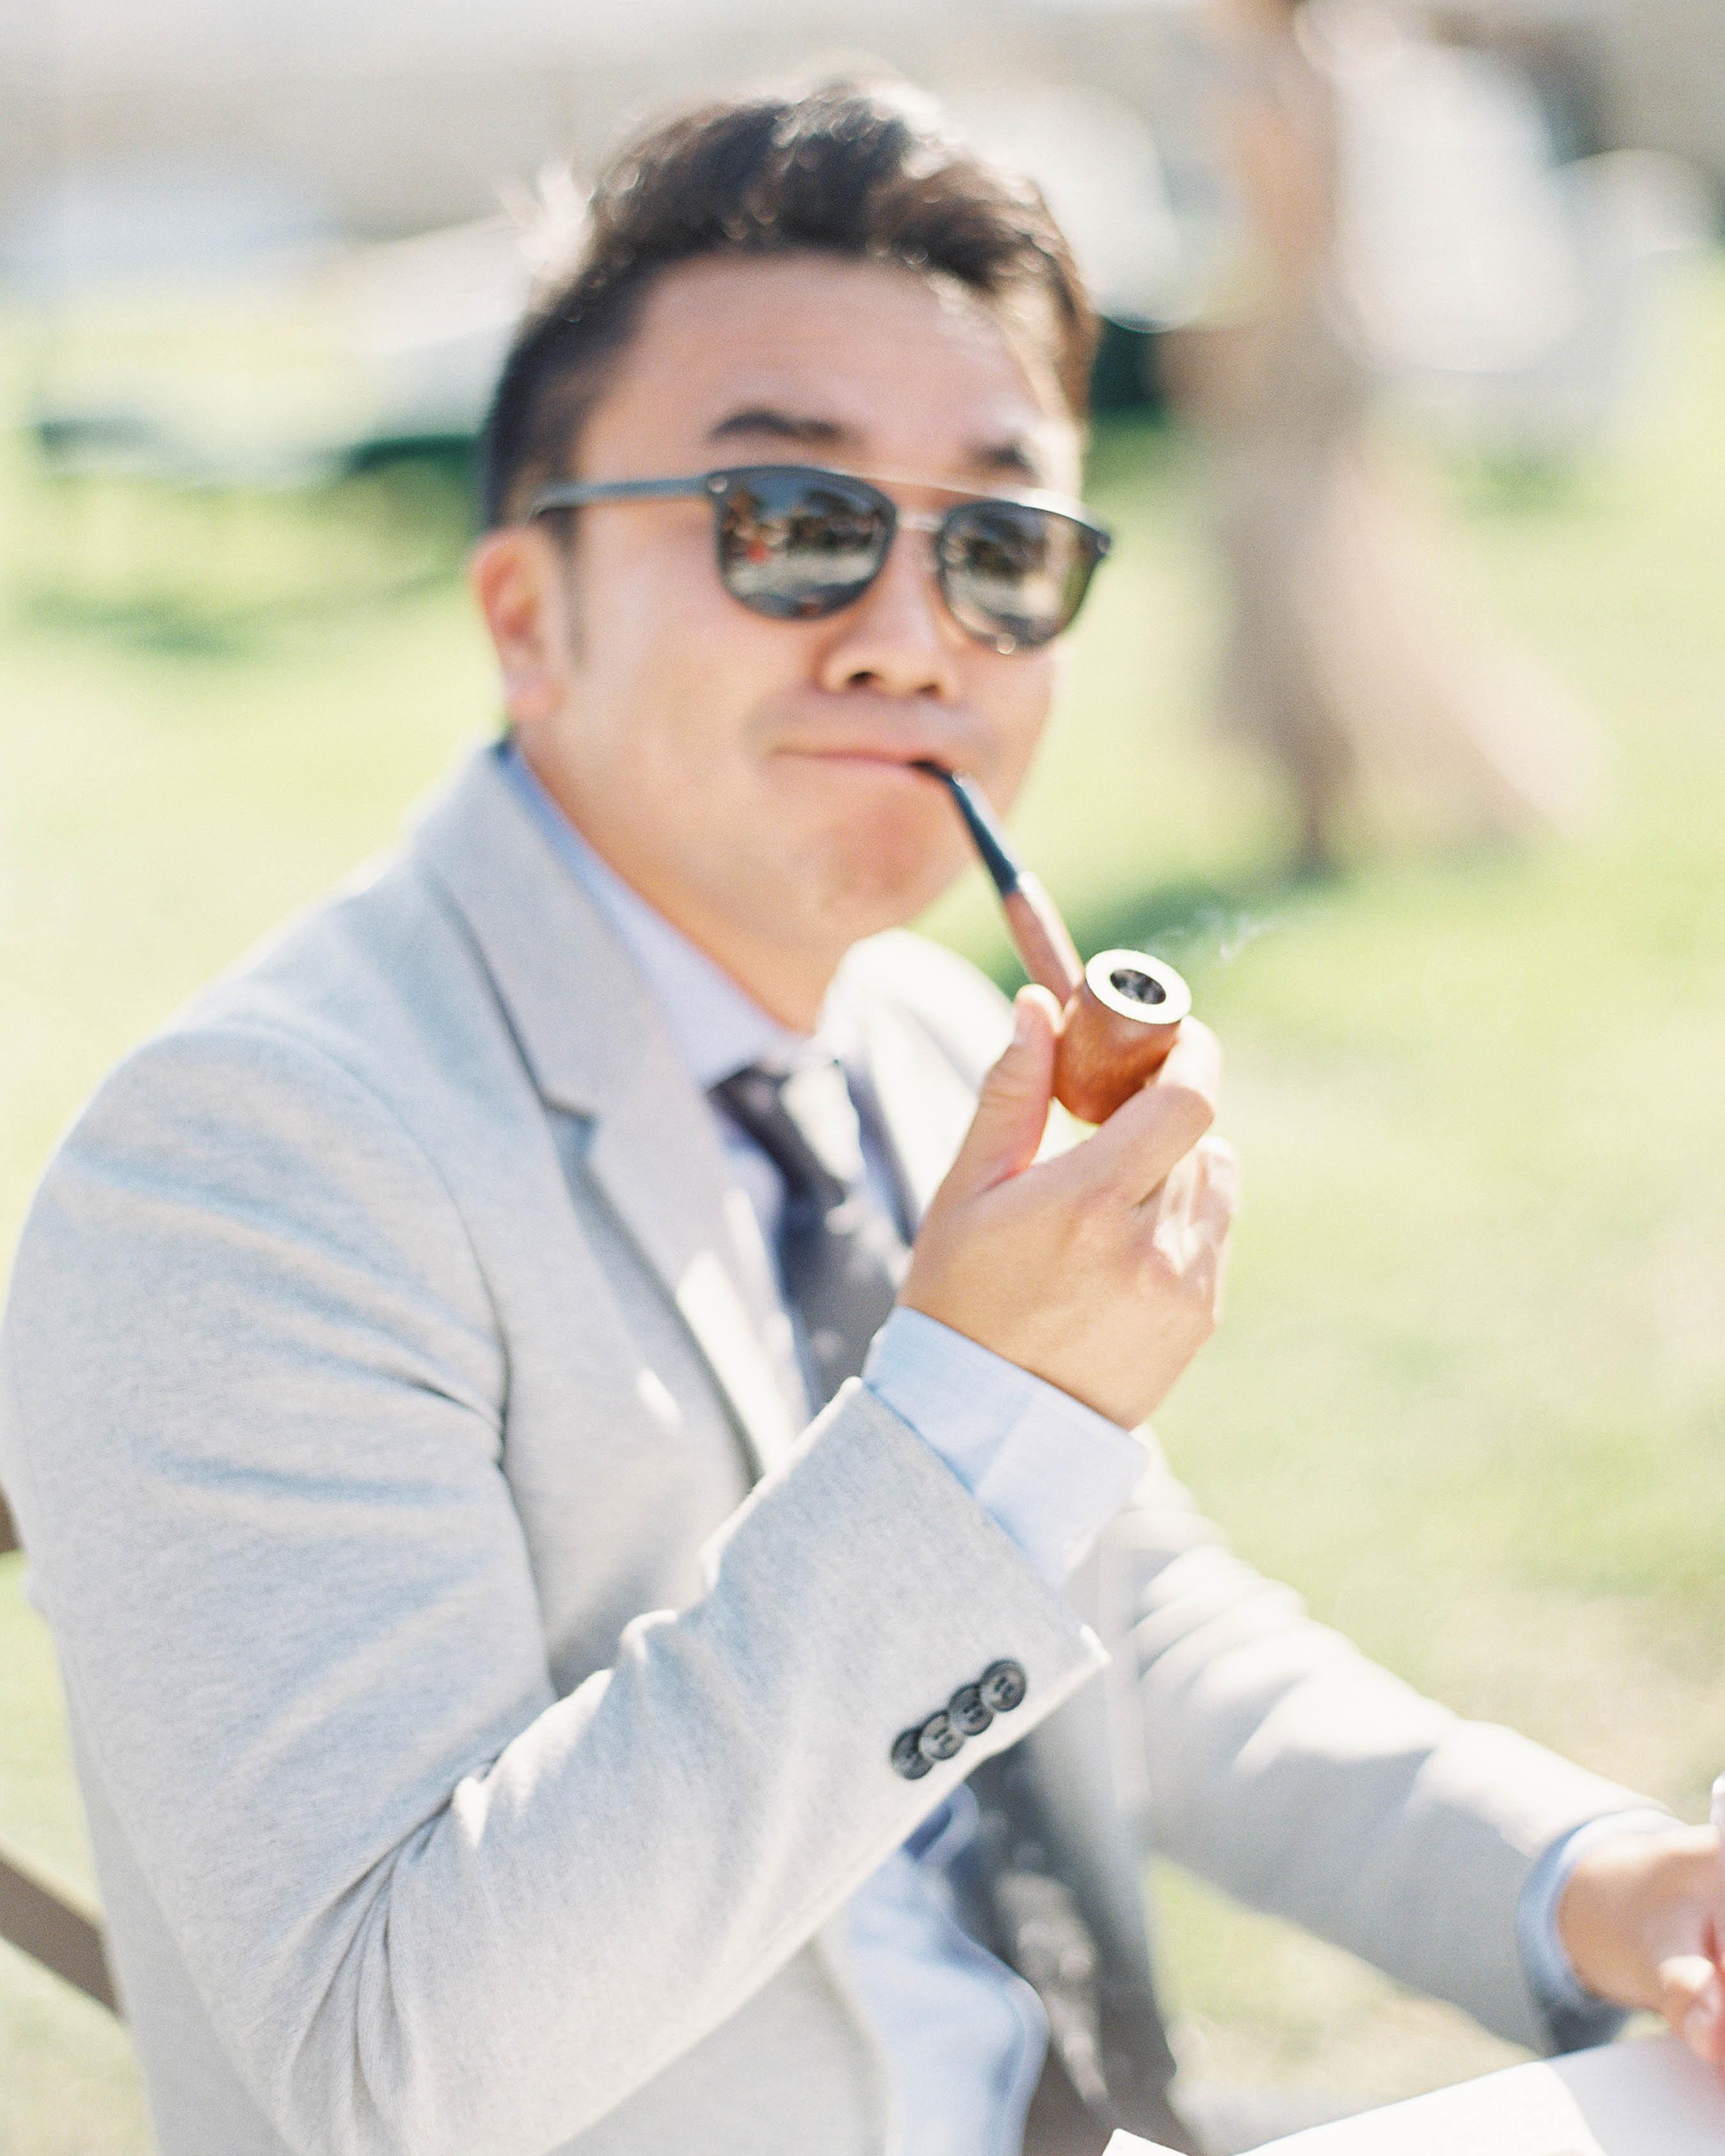 summer-bryan-wedding-572-ds111116.jpg